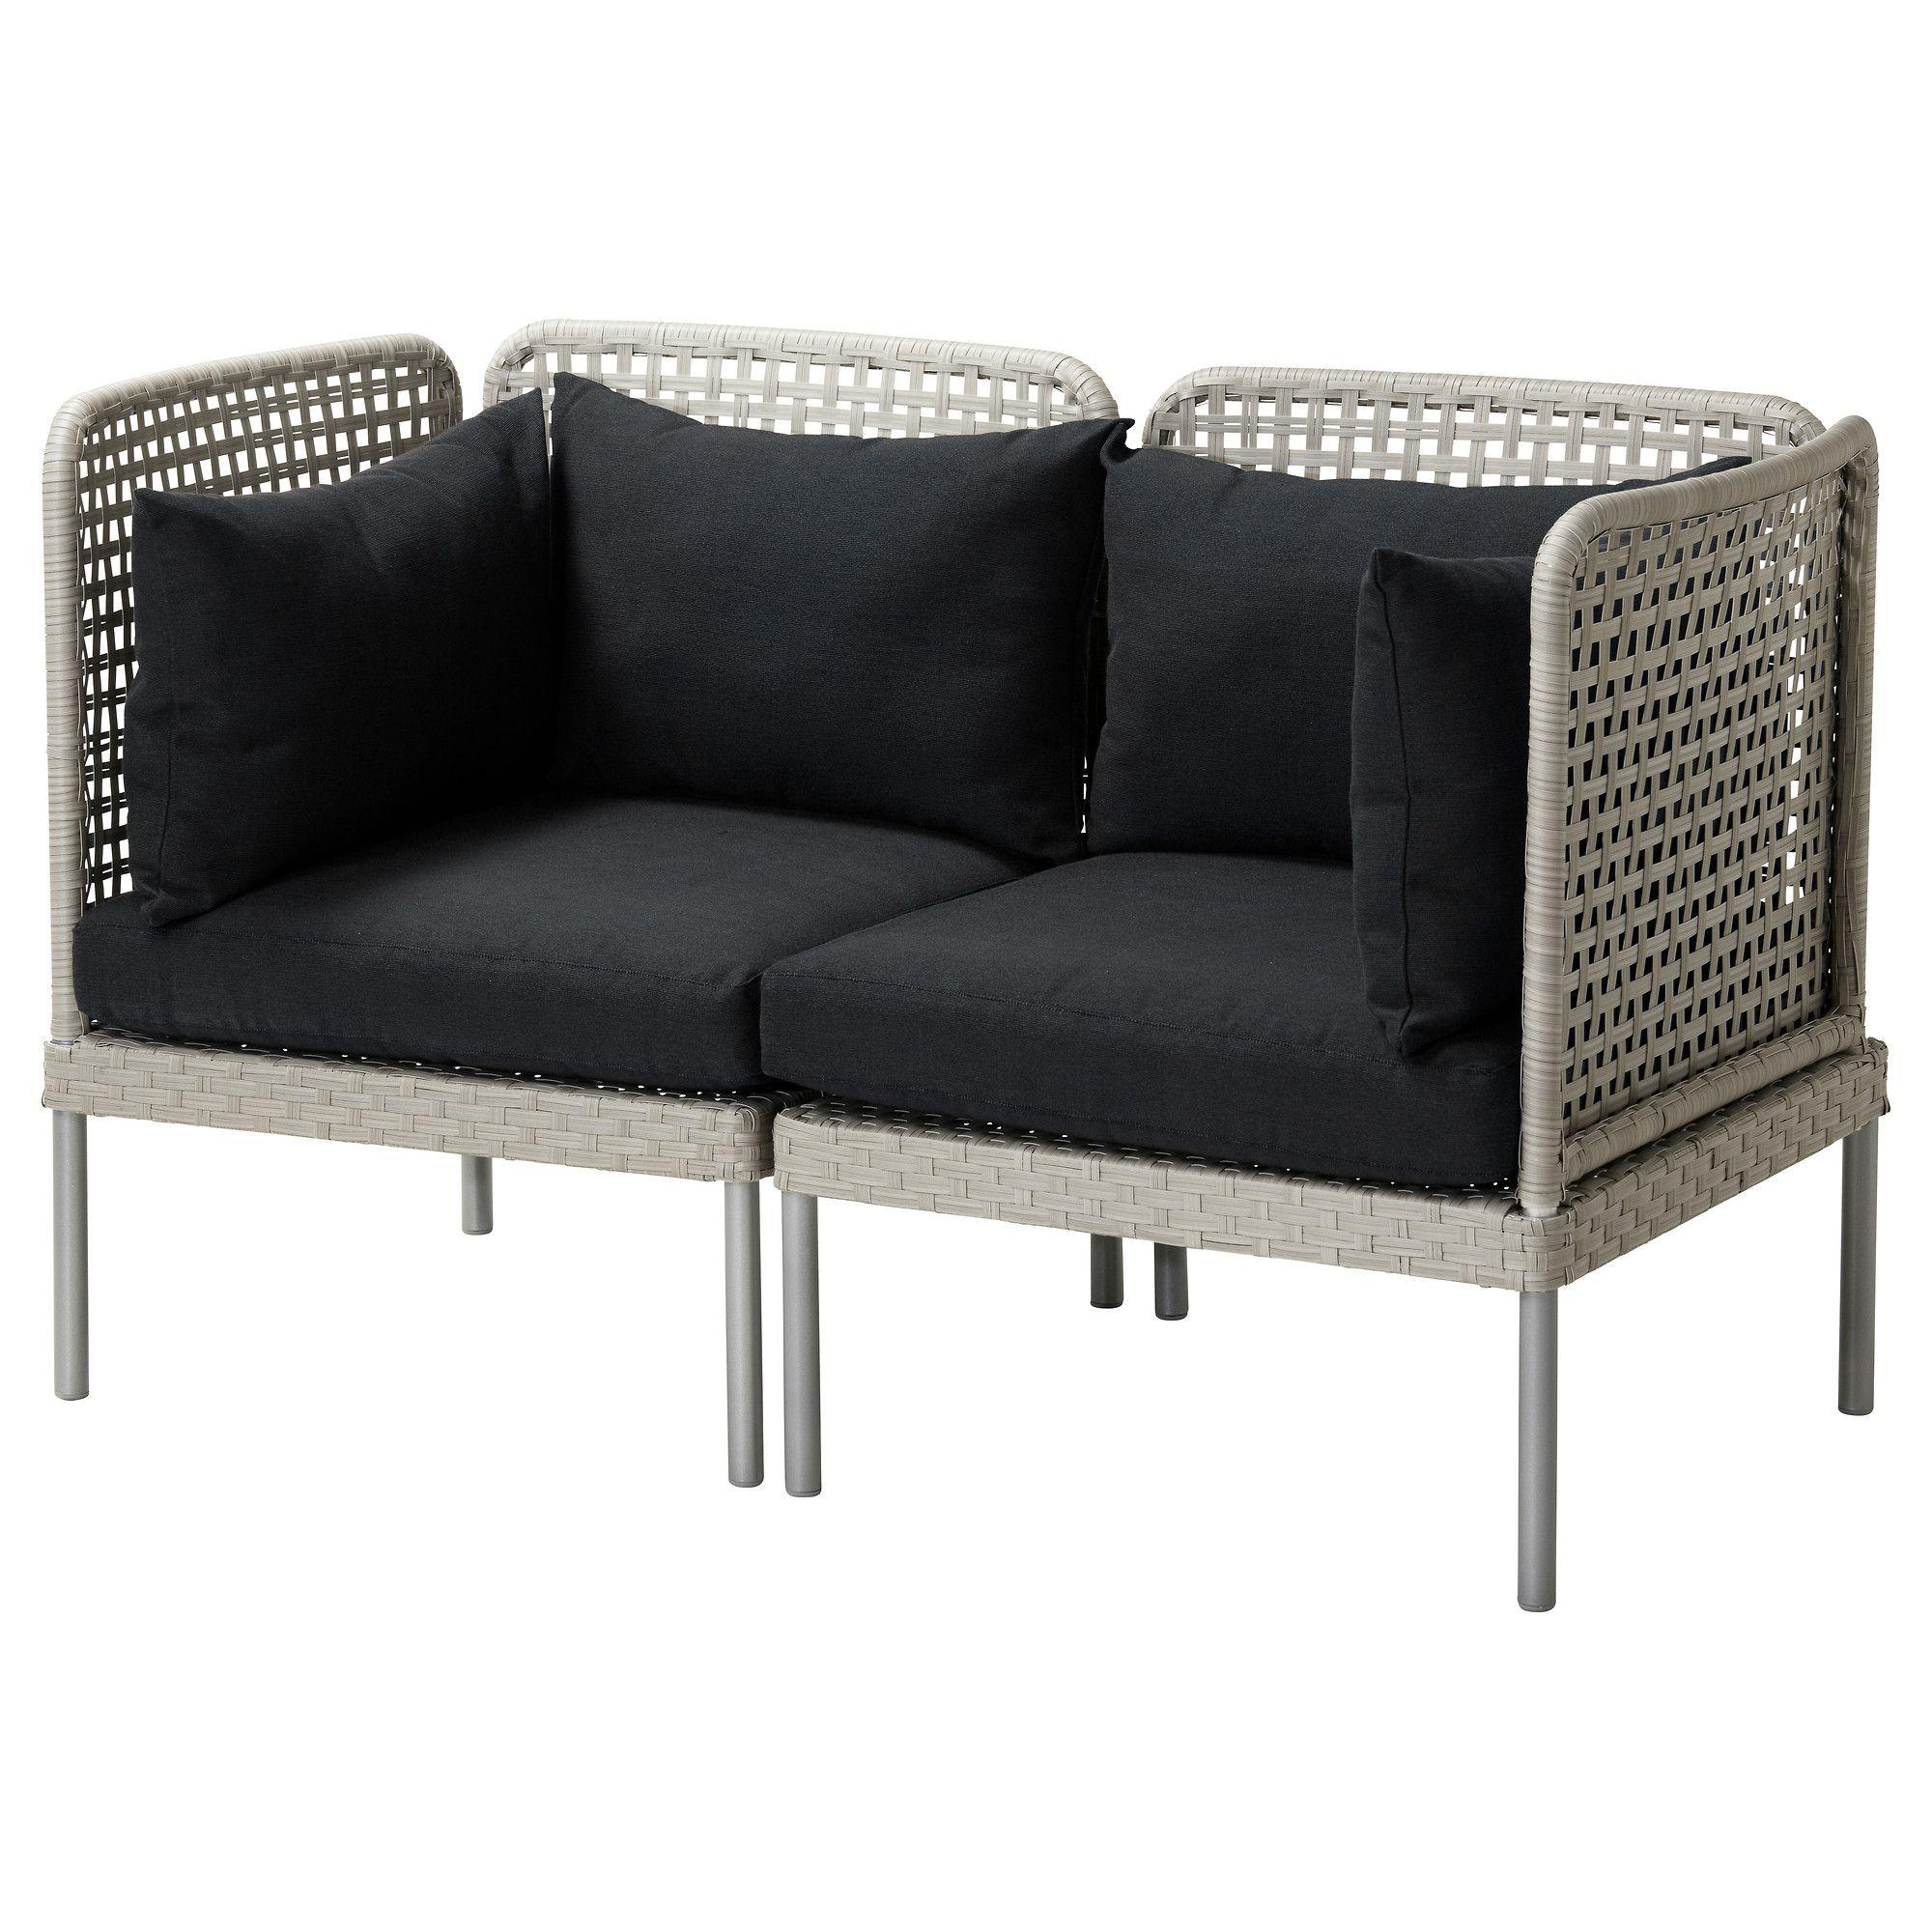 Enholmen combinaci n de sof s ikea jardines for Diseno de muebles de jardin al aire libre